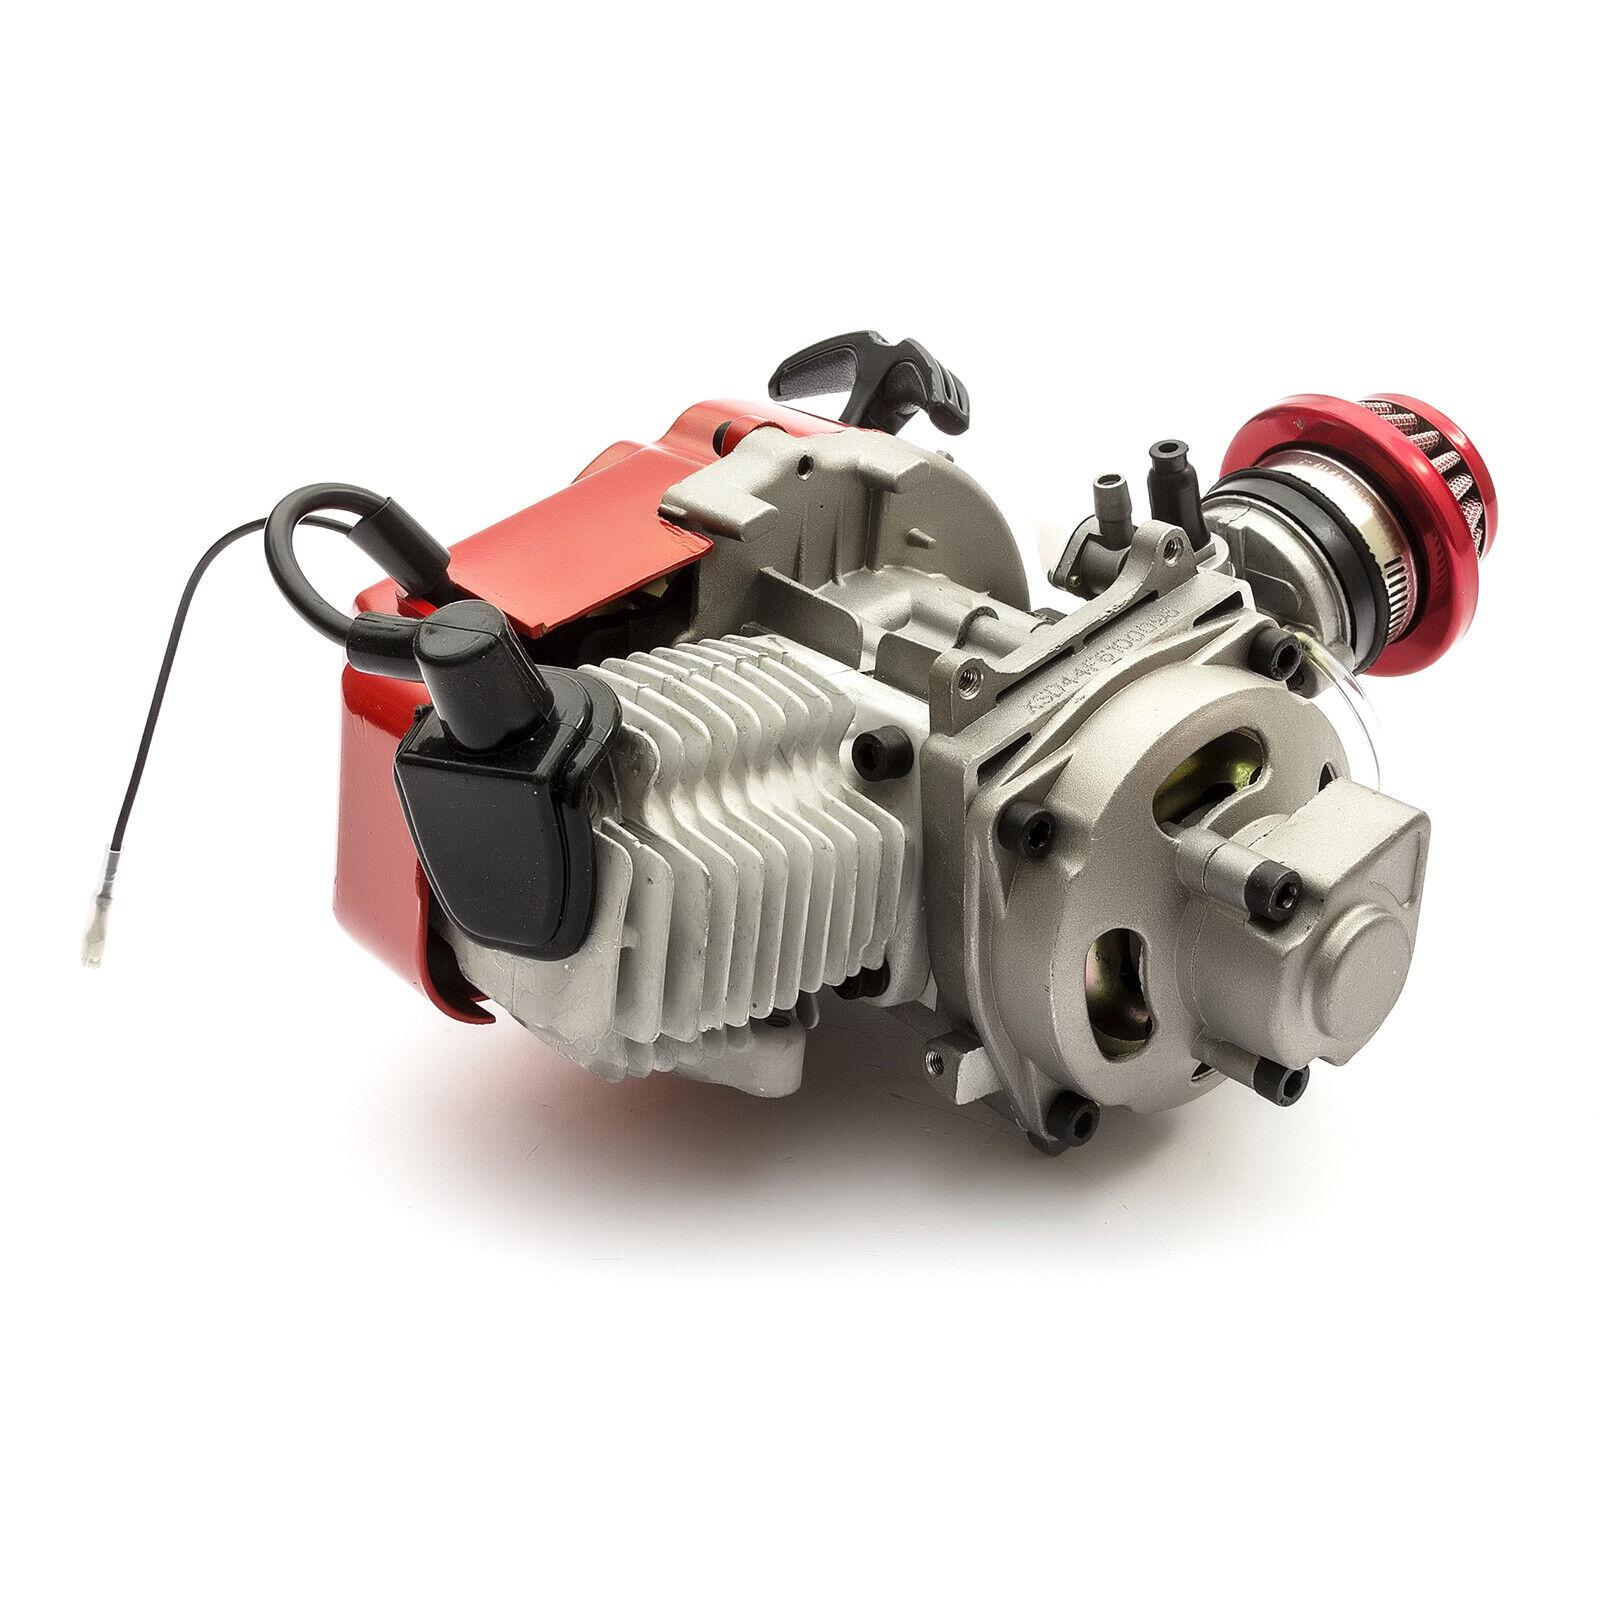 Mini Moto 49cc Motore Completo in Racing Rossa  Filtro Pignone Cover 6 Denti